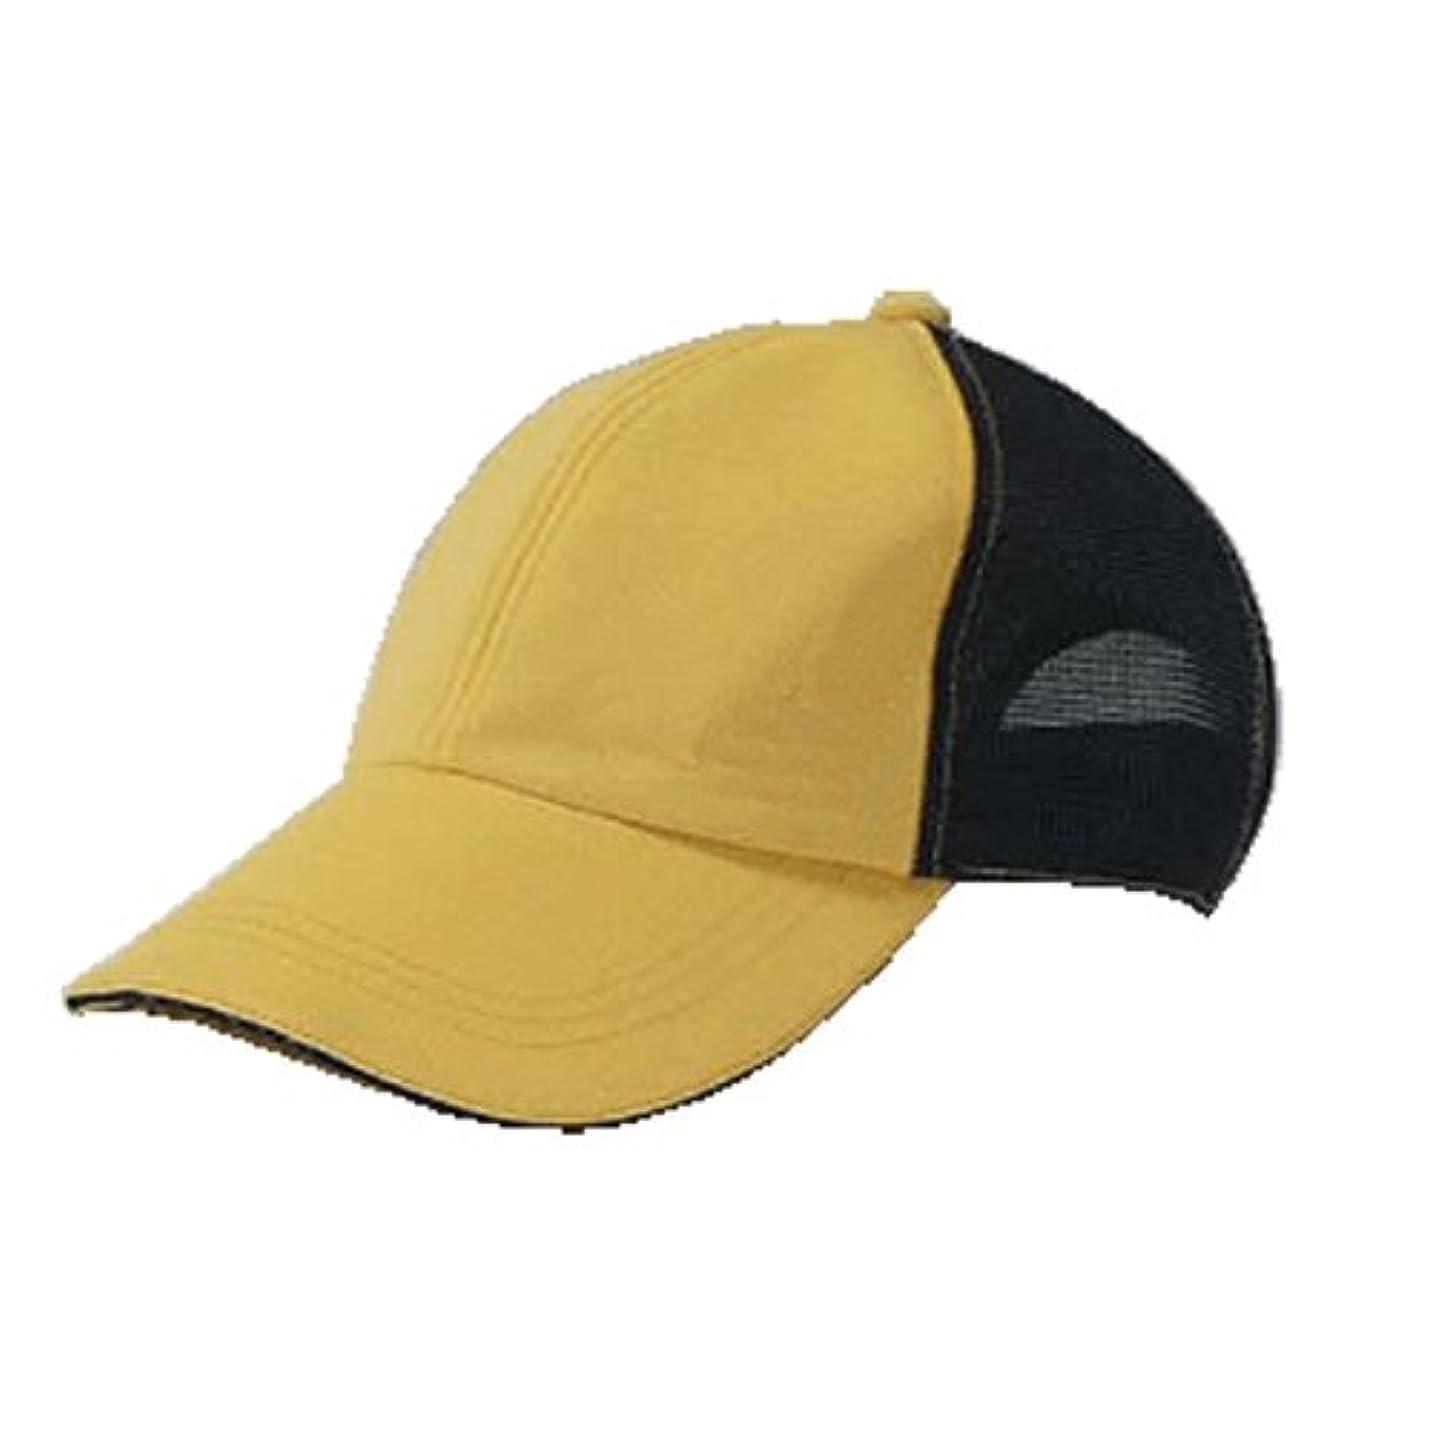 民兵厳しい休みLEDライト付き帽子 TERUBO メッシュタイプ 黄/黒